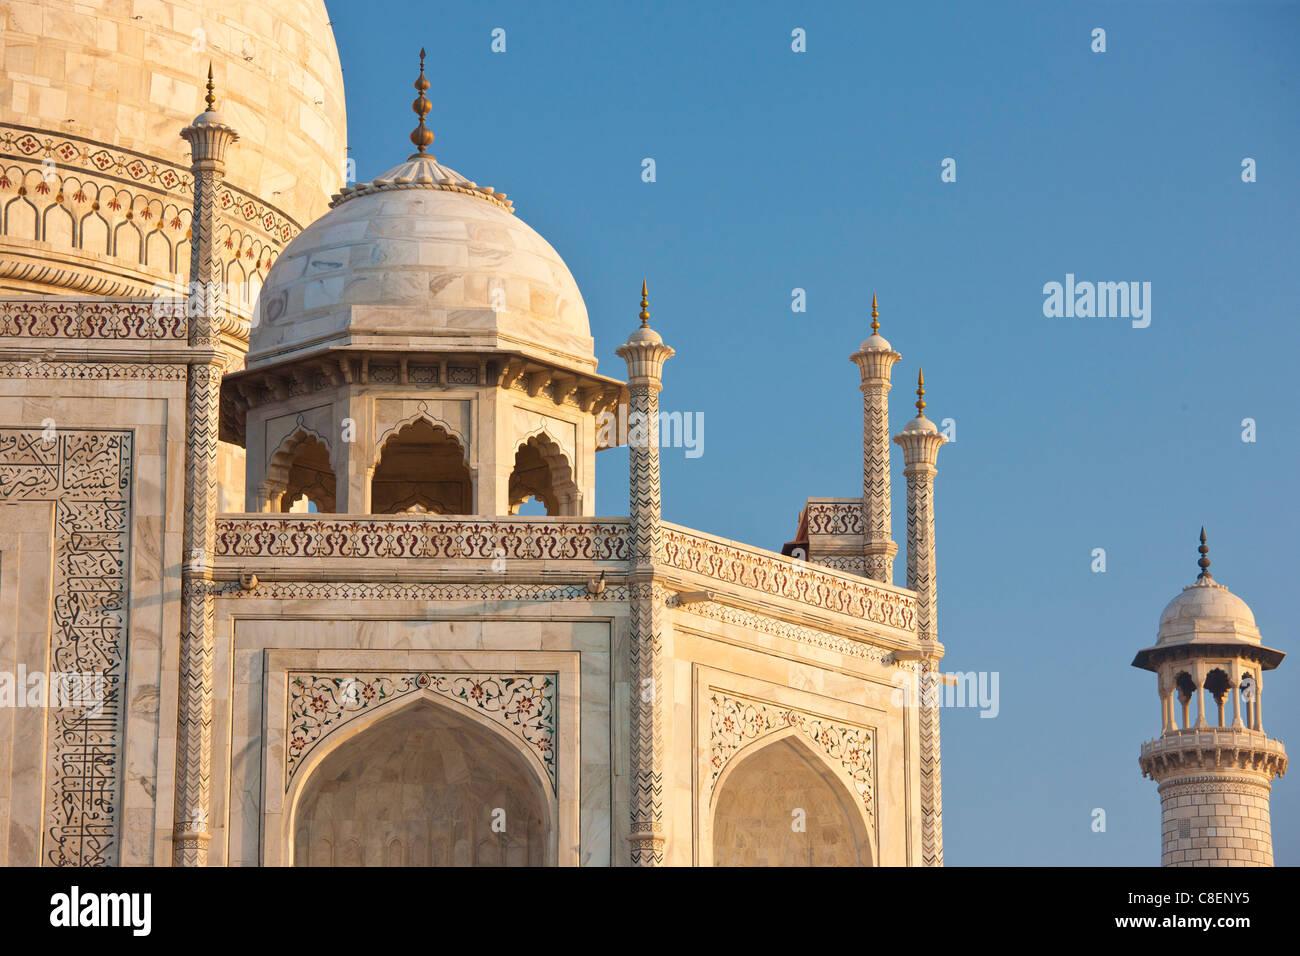 Il Taj Mahal mausoleo western visualizza dettagli, Uttar Pradesh, India Immagini Stock